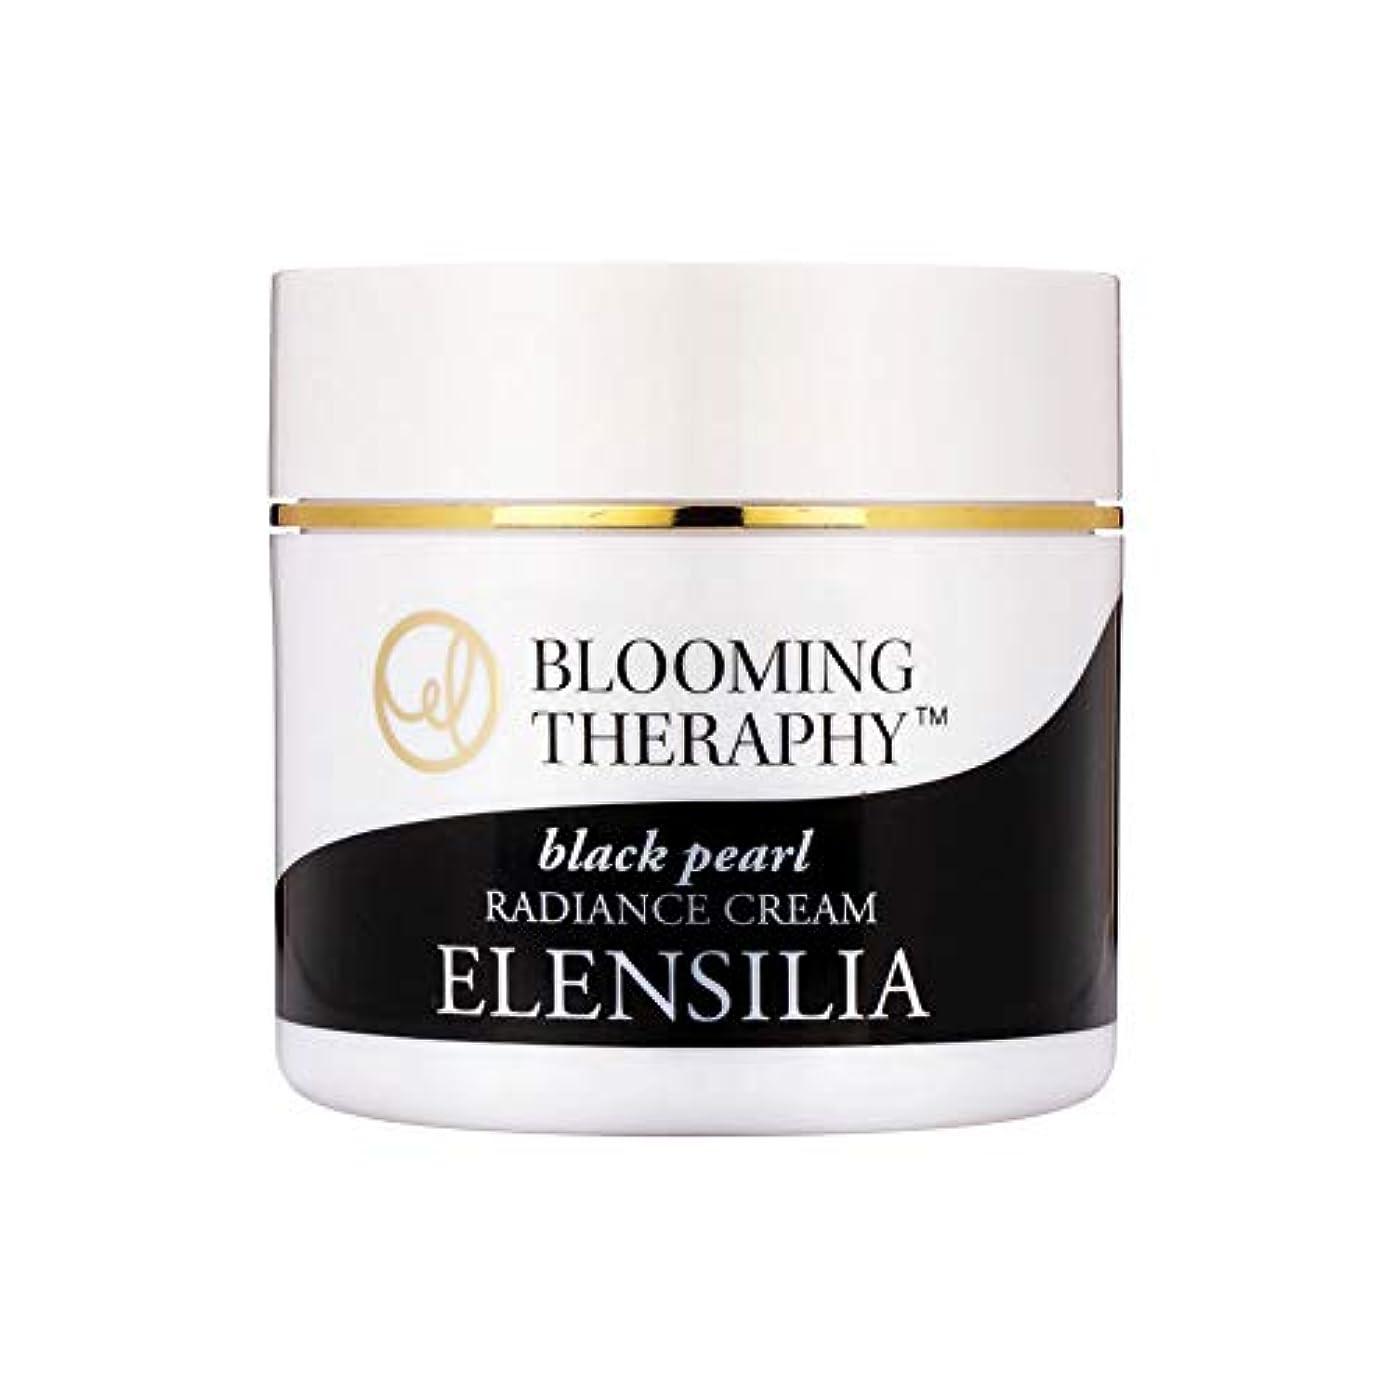 優れたチラチラする地雷原エルレンシルラElensilia 韓国コスメ ブルーミングセラピー黒真珠ラディアンスクリーム50g 海外直送品 Blooming Theraphy Black Pearl Radiance Cream [並行輸入品]